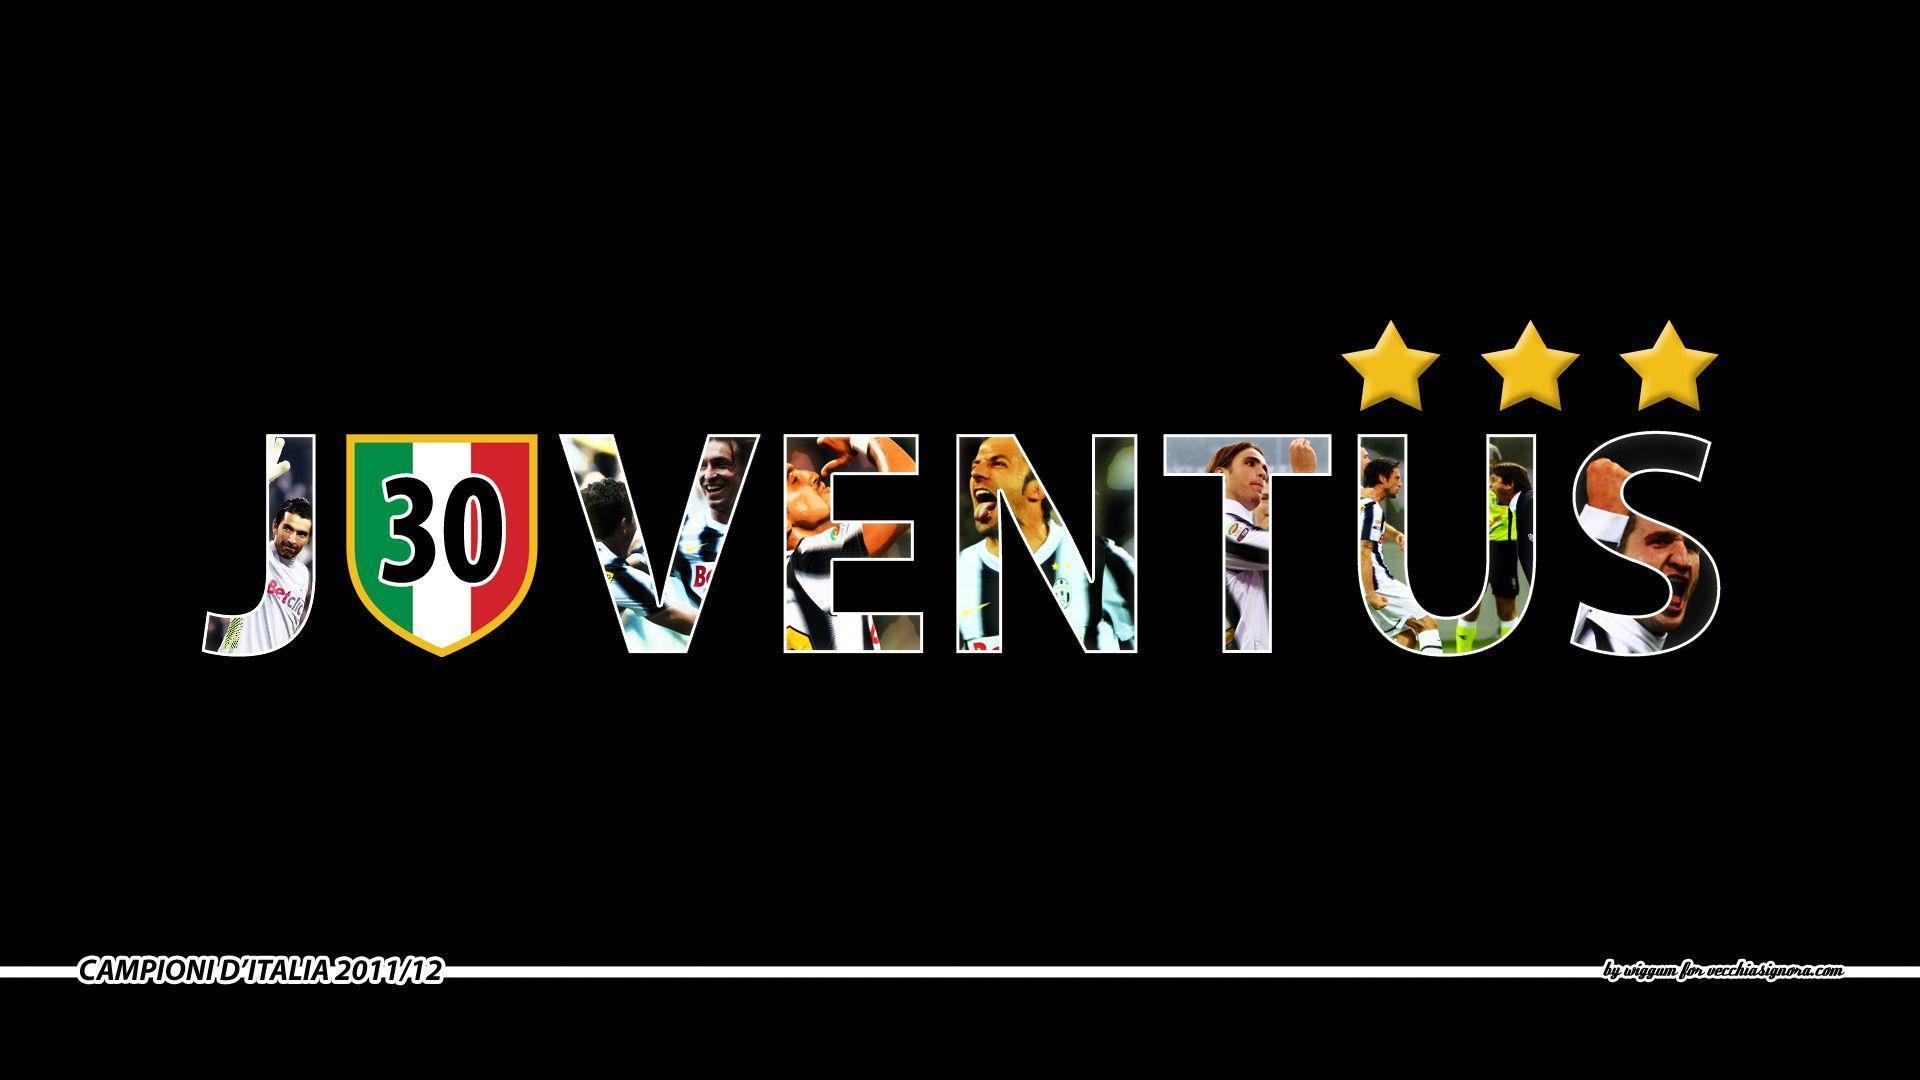 Juventus wallpaper – wallpaper free download